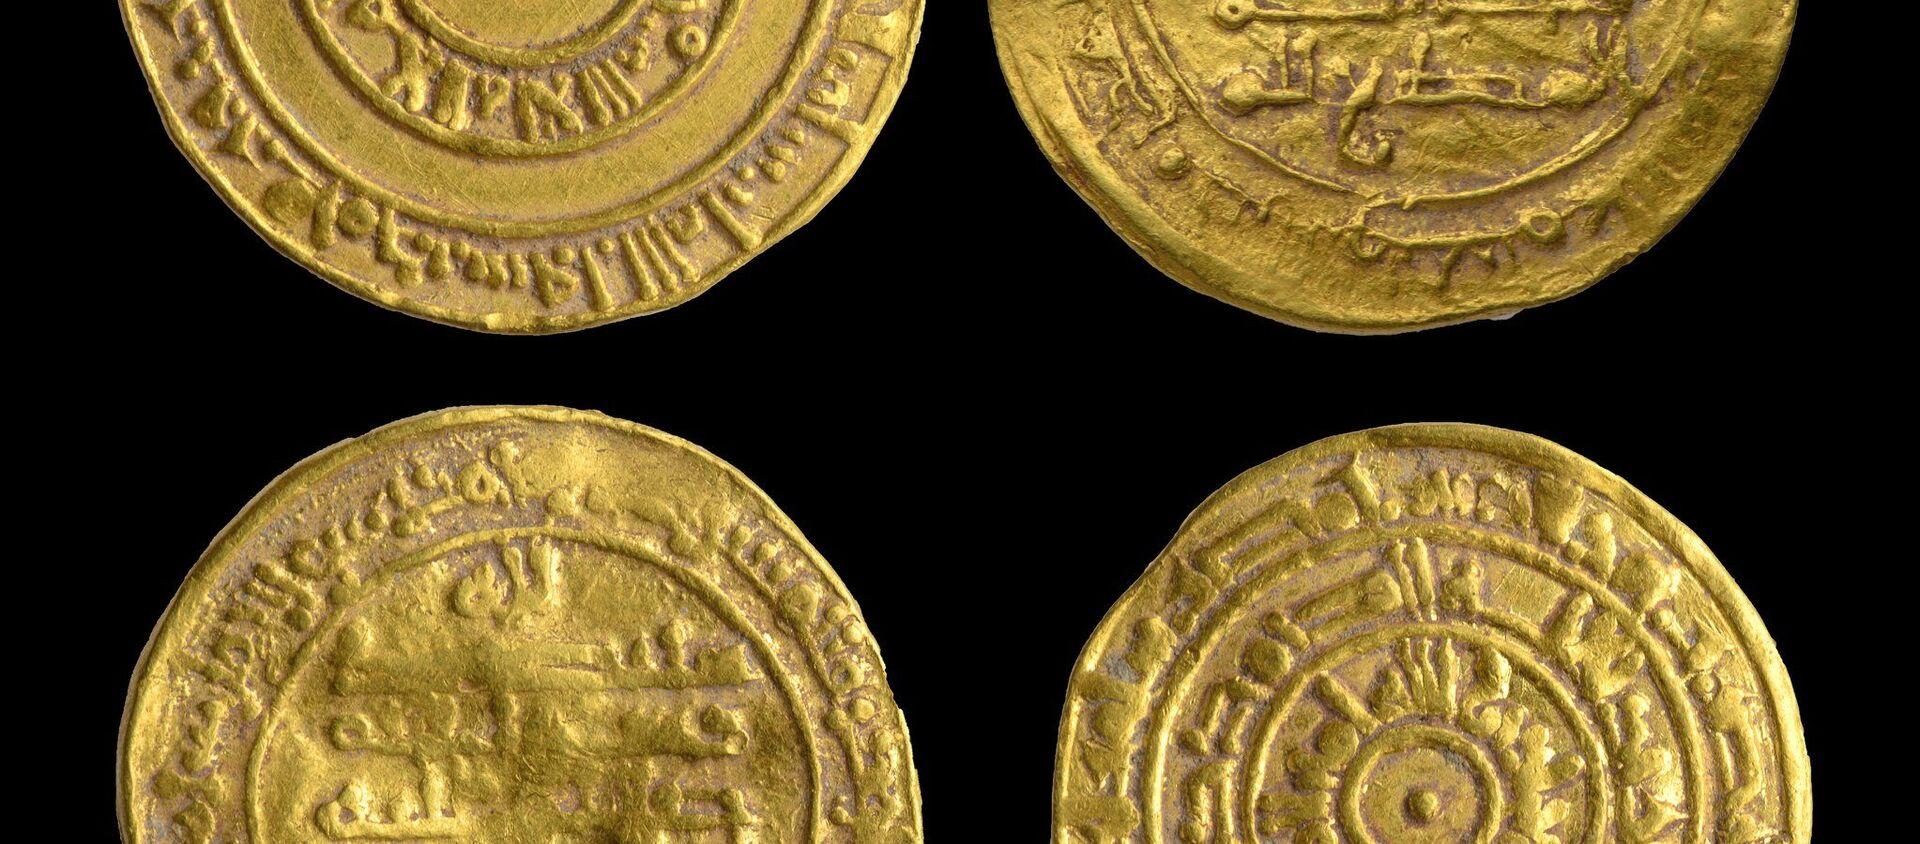 Monedas de oro milenarias halladas en una jarra de cerámica cerca del Muro de las Lamentaciones, en Jerusalén - Sputnik Mundo, 1920, 10.11.2020